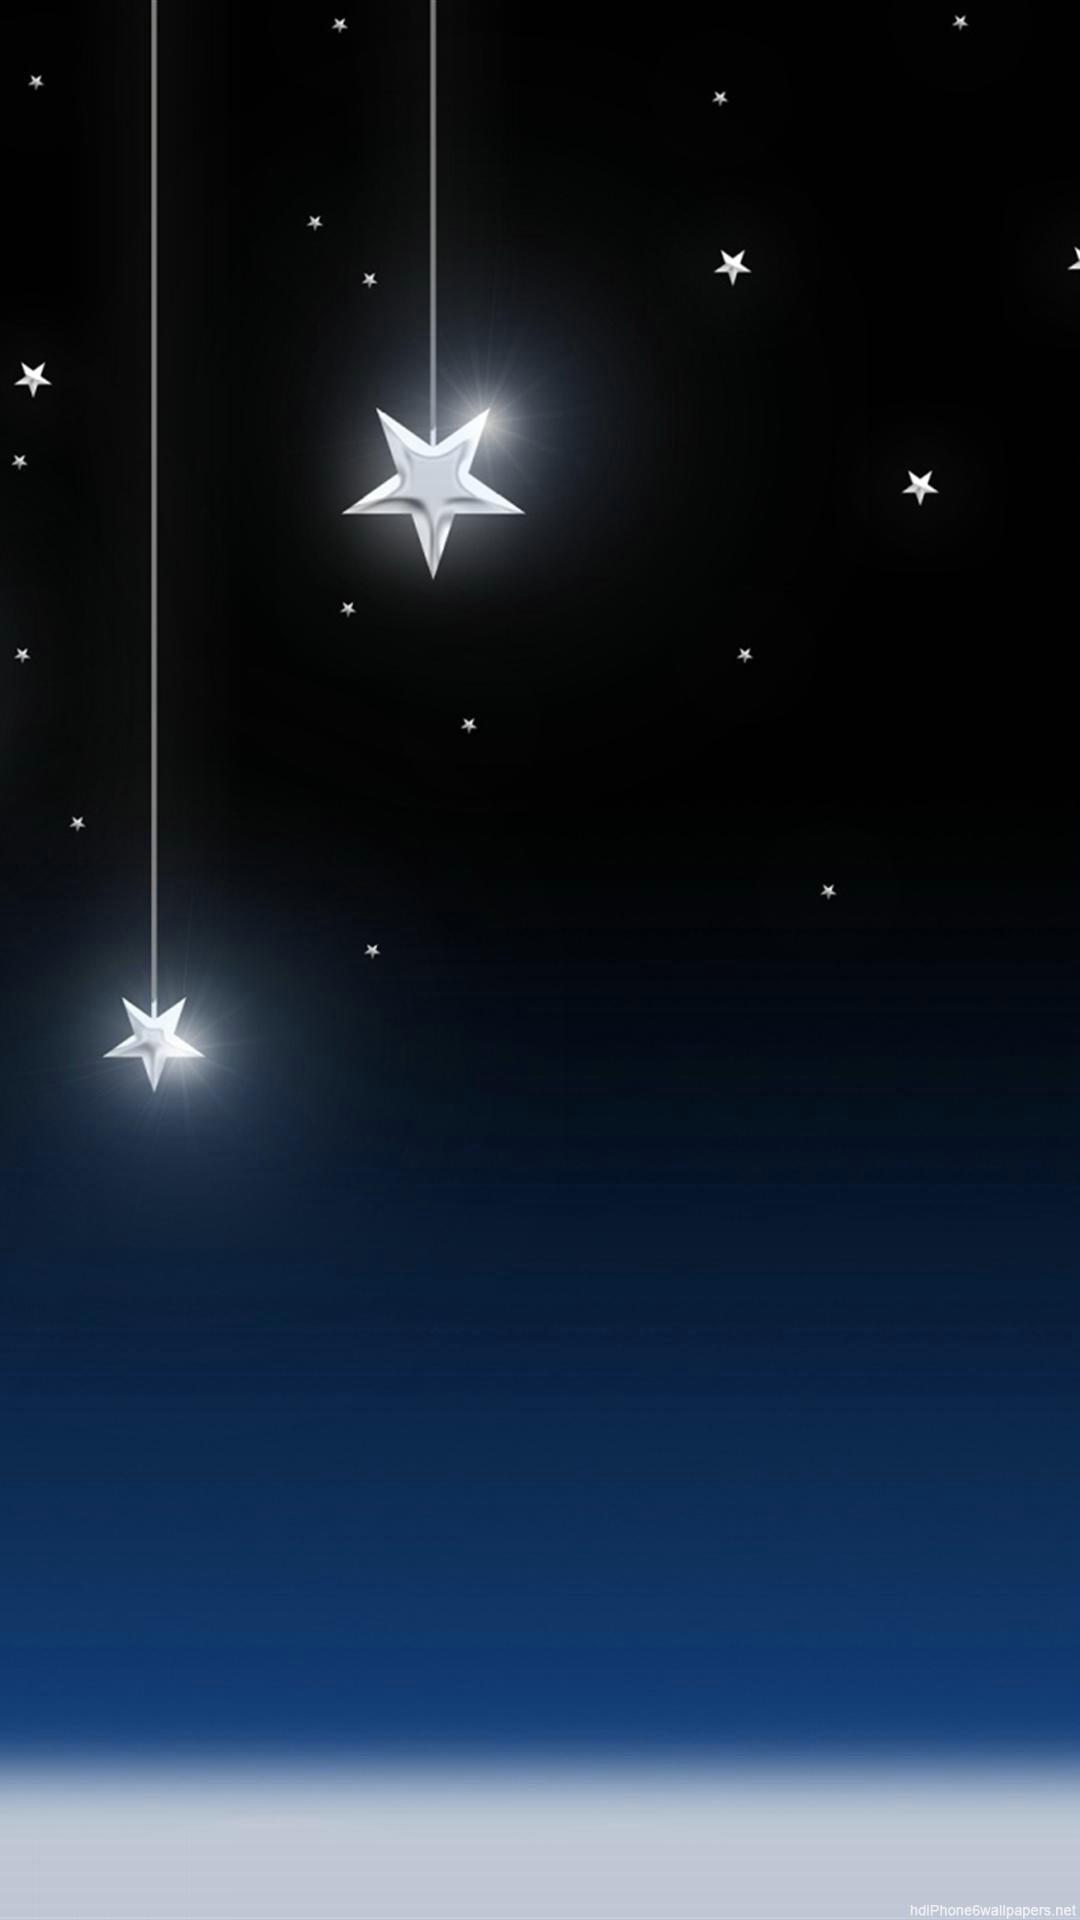 Iphone Star Wallpaper Hd 2302848   HD Wallpaper Backgrounds